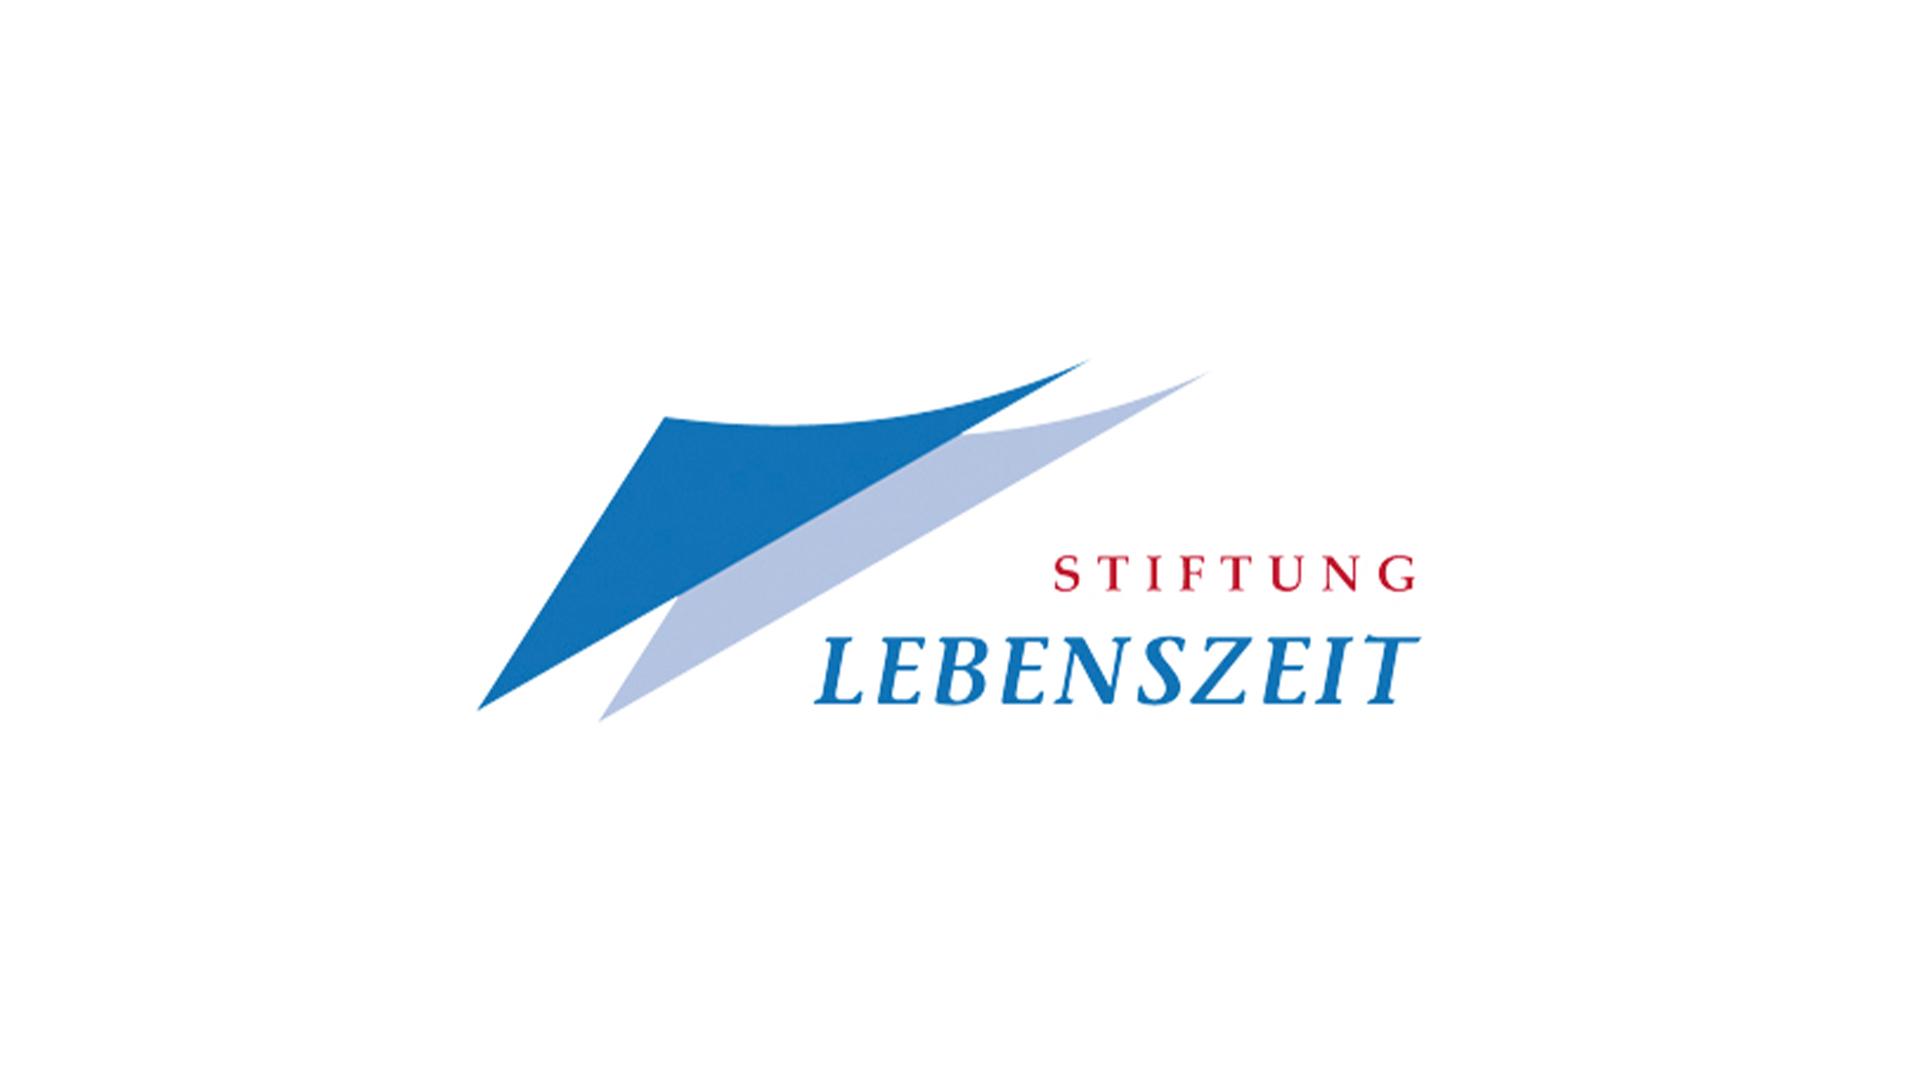 Pfleiderer Projektbau: Sponsoring Stiftung Lebenszeit